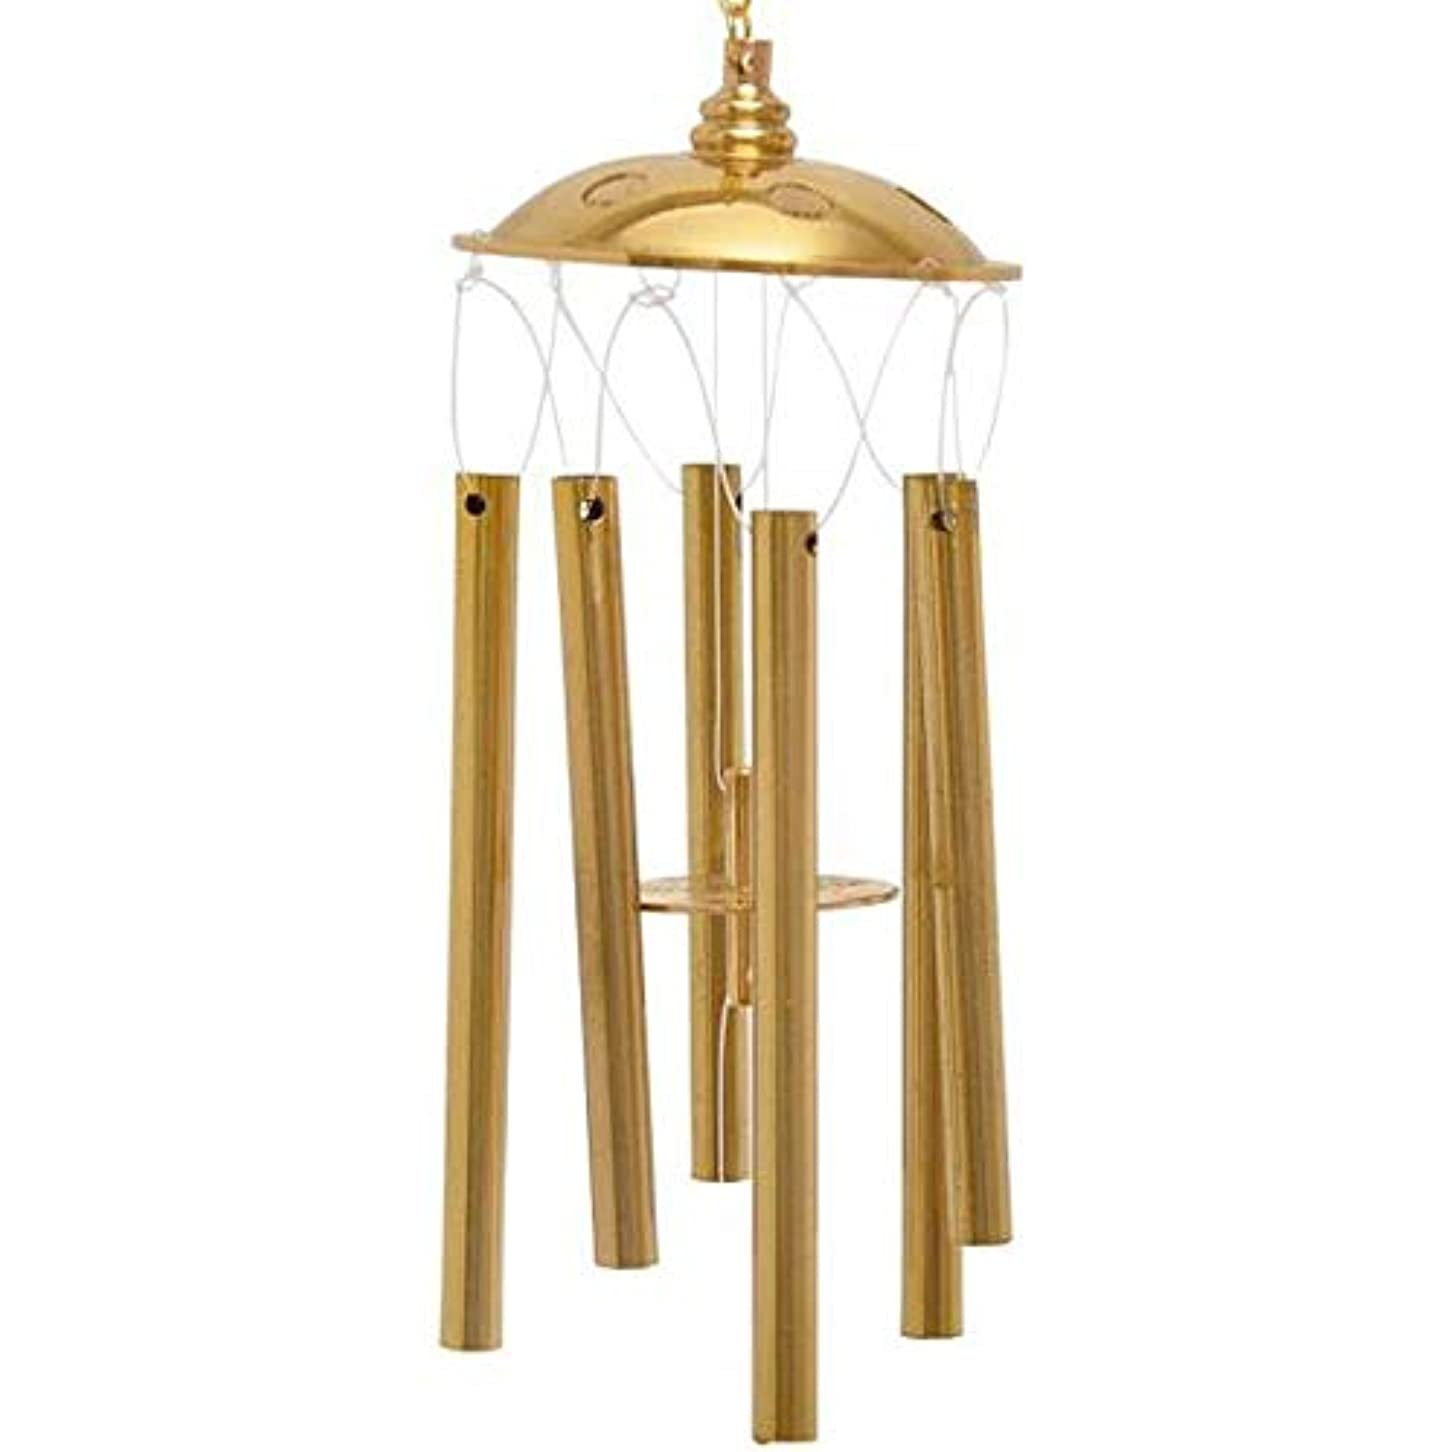 職業遺体安置所通りGaoxingbianlidian001 風チャイム、真鍮ホームデコレーション6チューブ風の鐘、ゴールド、全長約22CM,楽しいホリデーギフト (Size : 36cm)